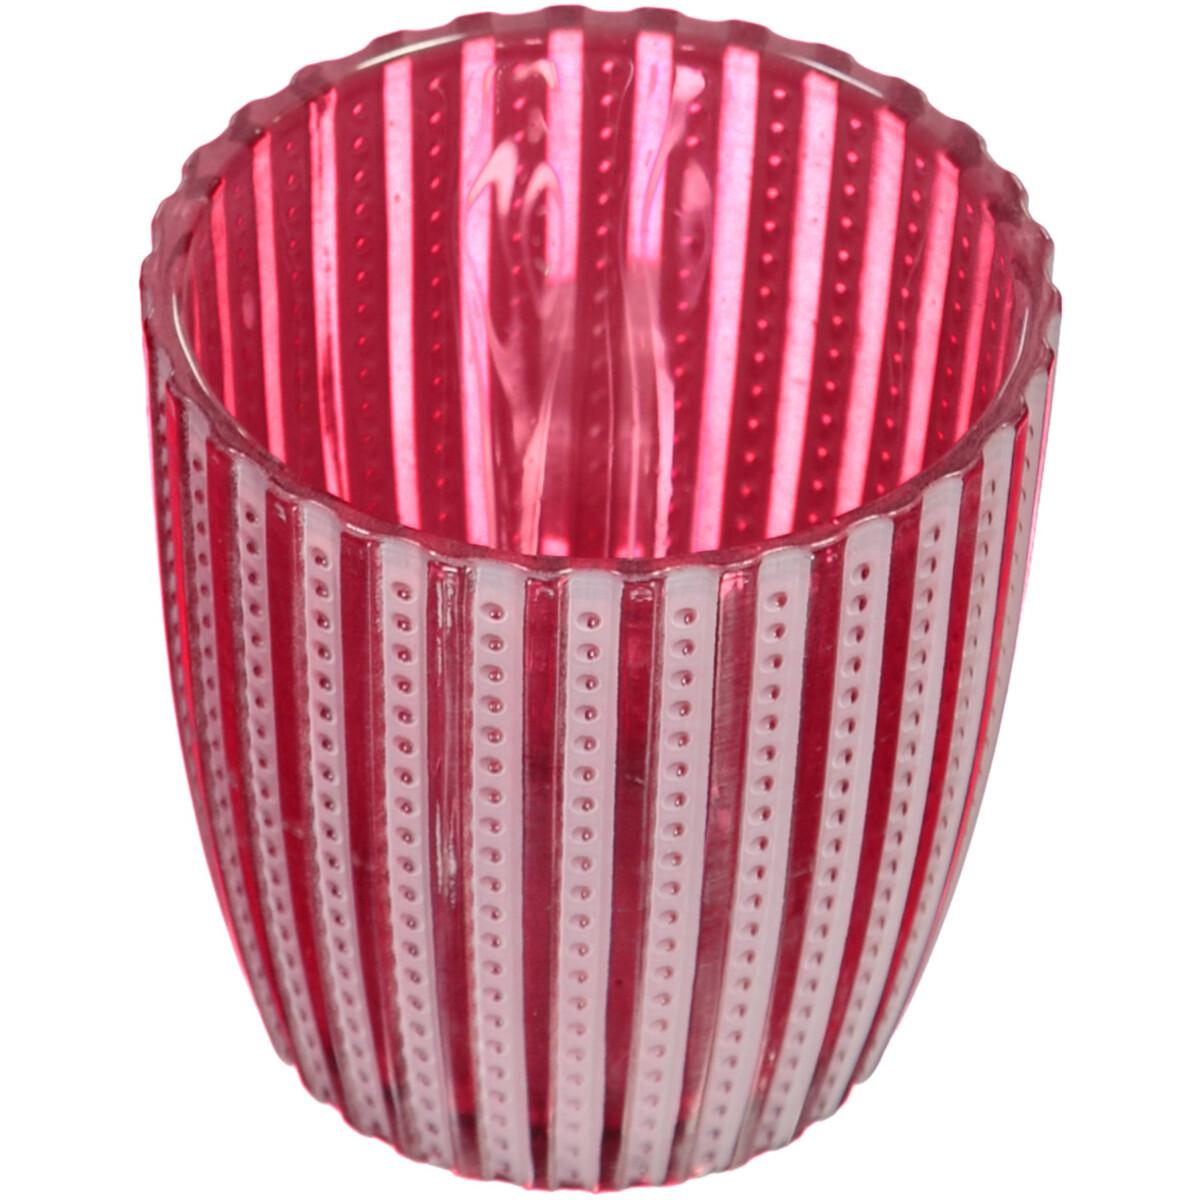 Bild 1 von Windlicht aus Glas H: 8,5cm